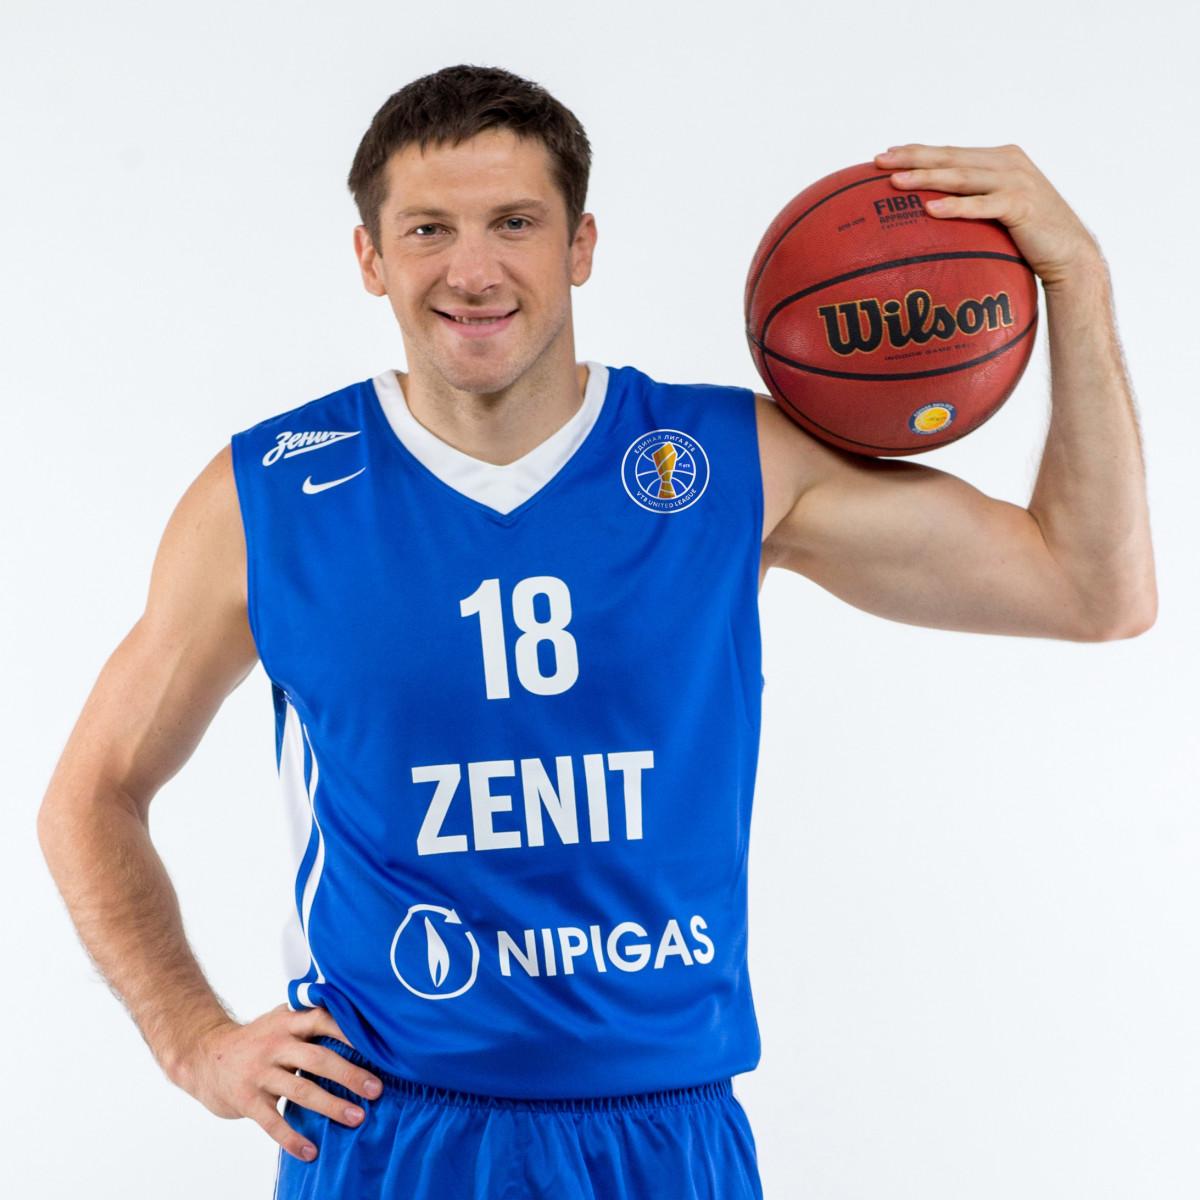 Photo of Evgeny Voronov, 2017-2018 season